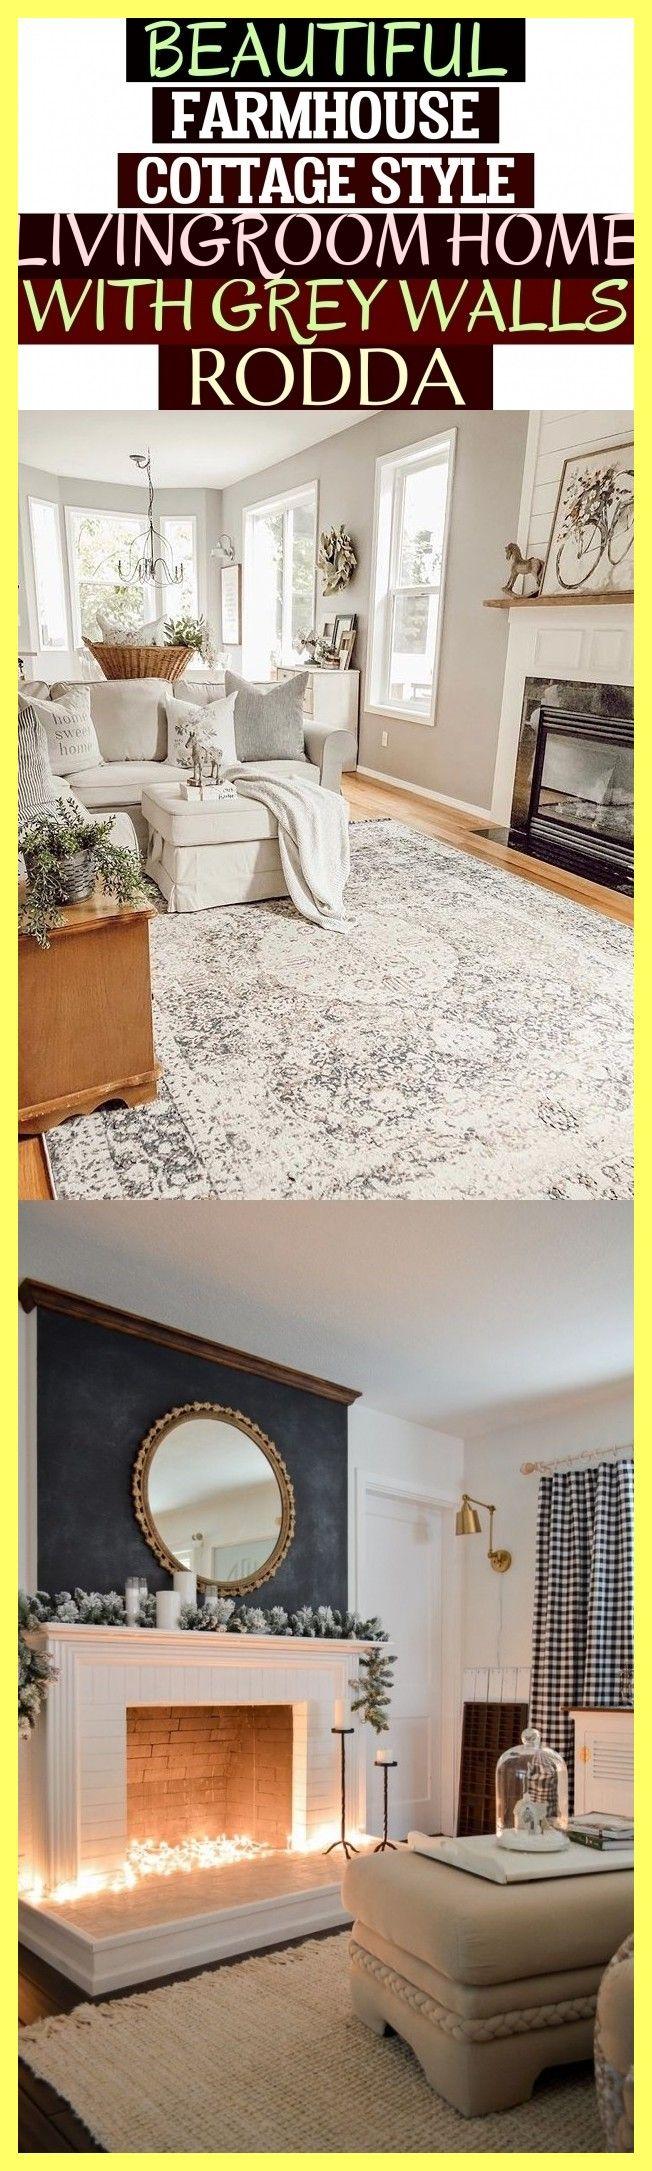 schönes bauernhaus-häuschen-art-wohnzimmer-haus mit gray walls rodda - Beautiful Farmhouse Cottage Style Livingroom Home With Grey Walls Rodda